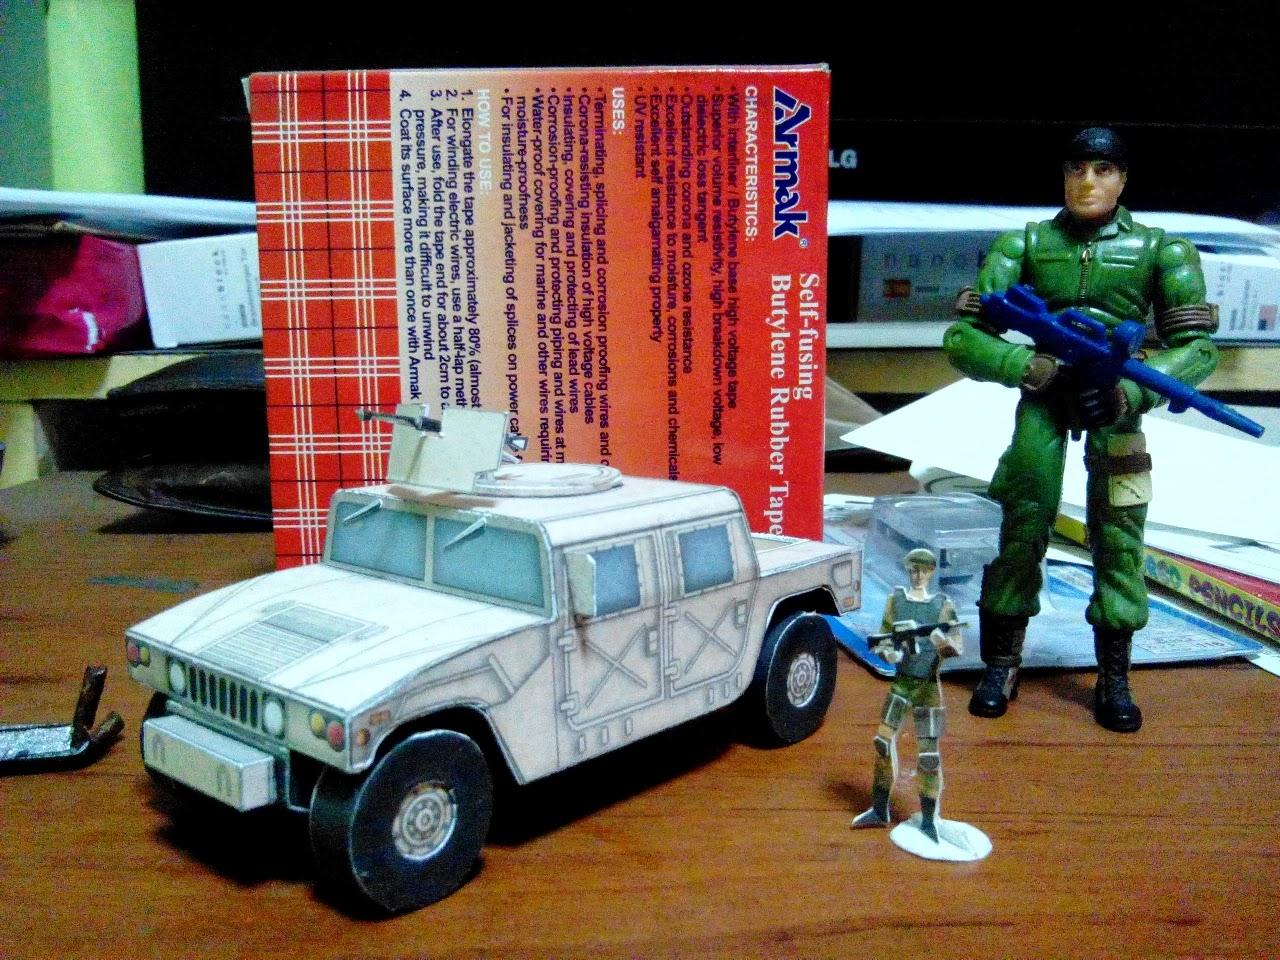 Humvee Paper Model